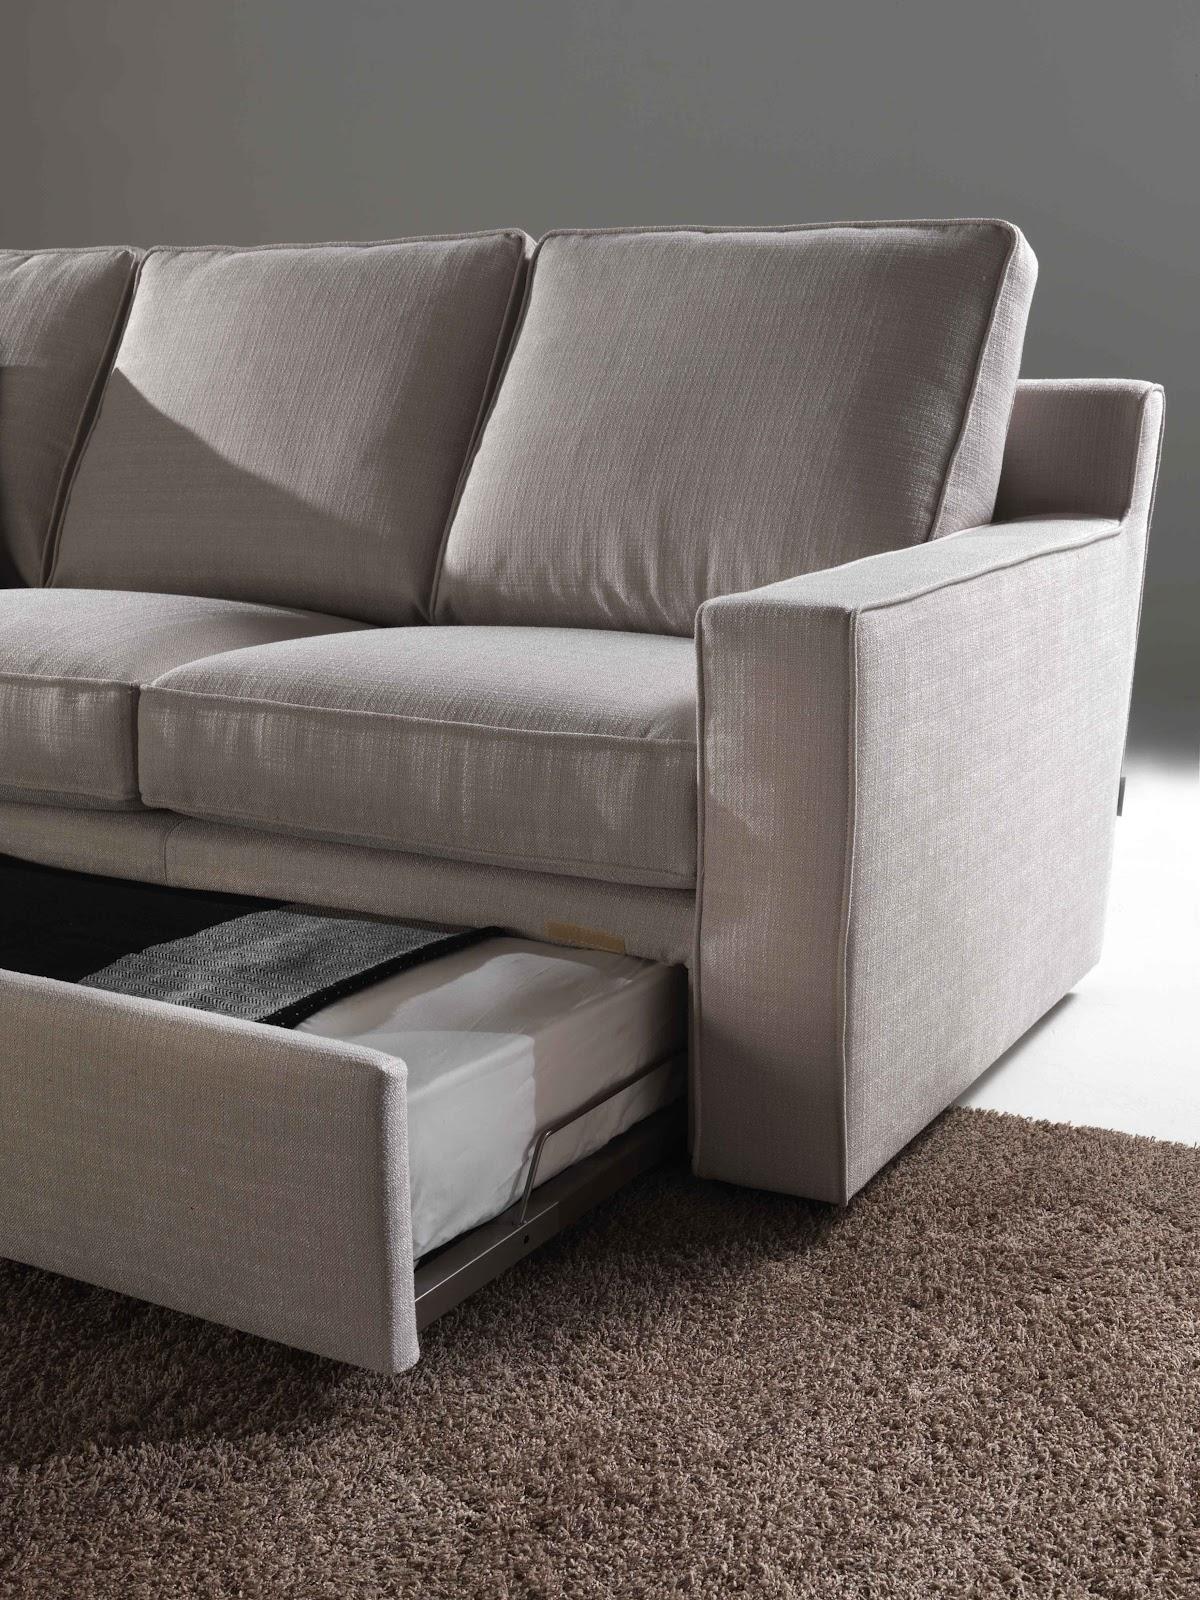 Santambrogio Salotti produzione e vendita di divani e letti anche su misura Il nuovo divano modello Milano con letto estraibile